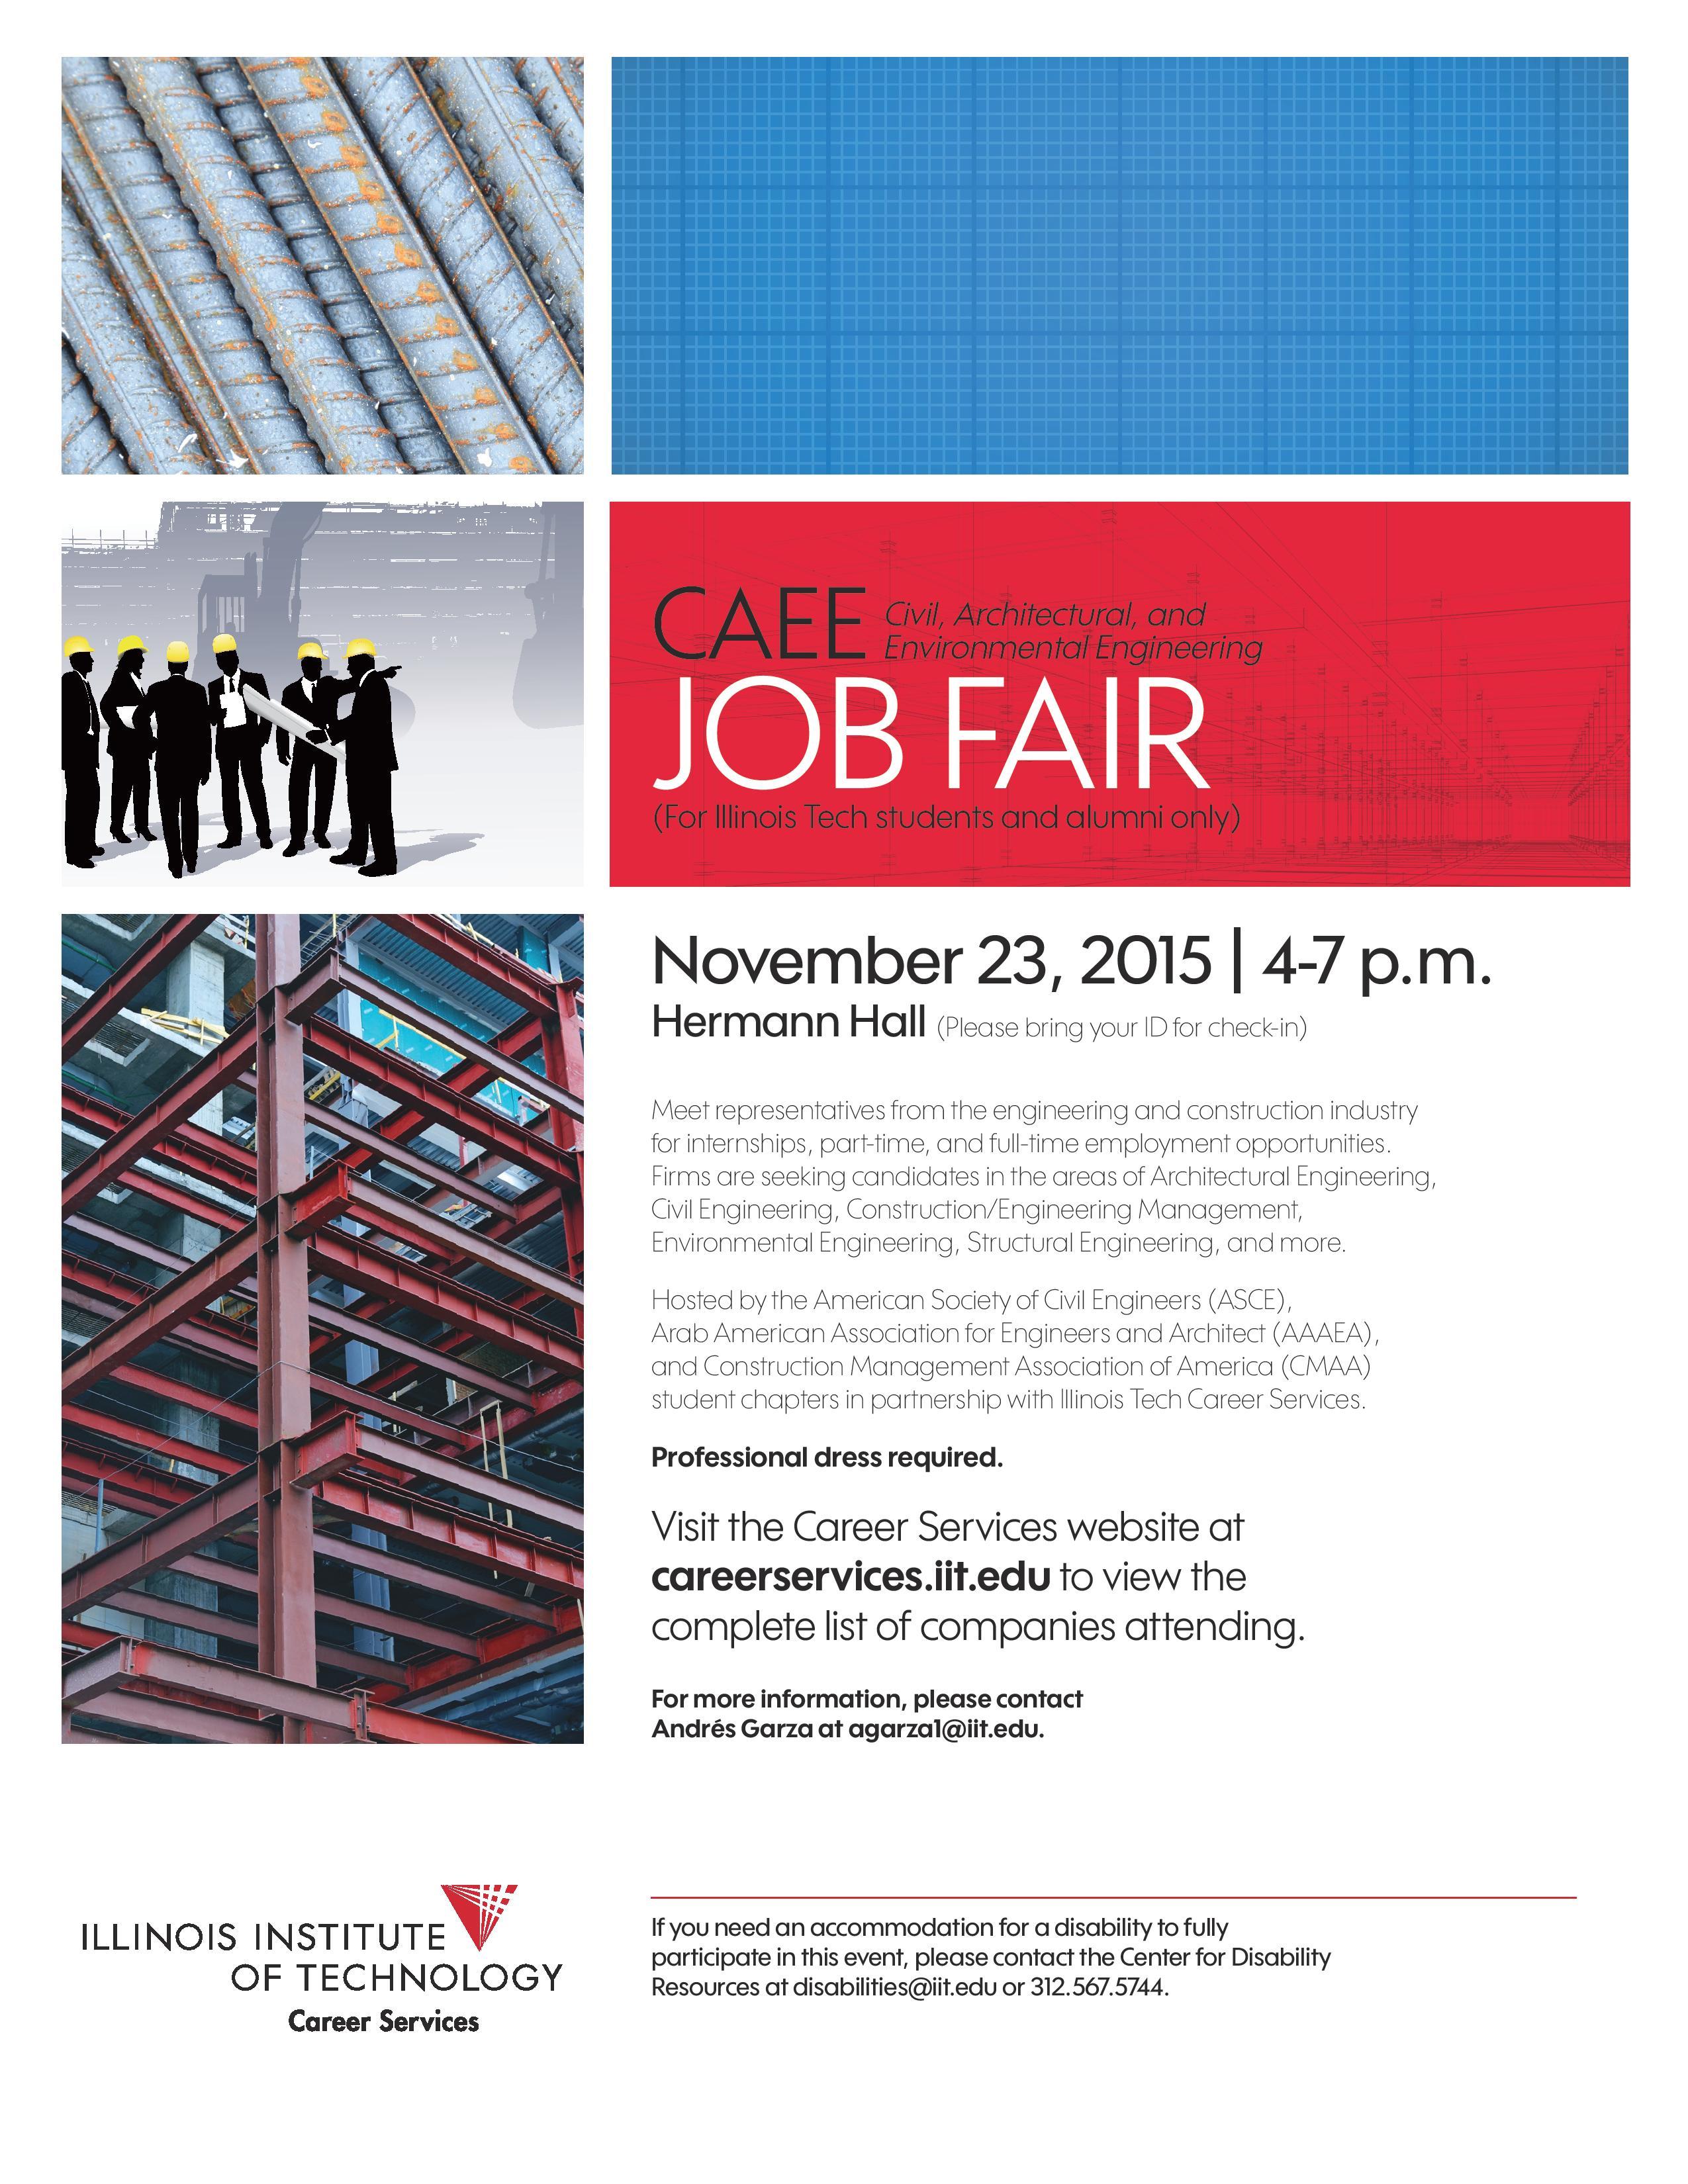 CAEE_Job_Fair_Materials_r2-page-001.jpg